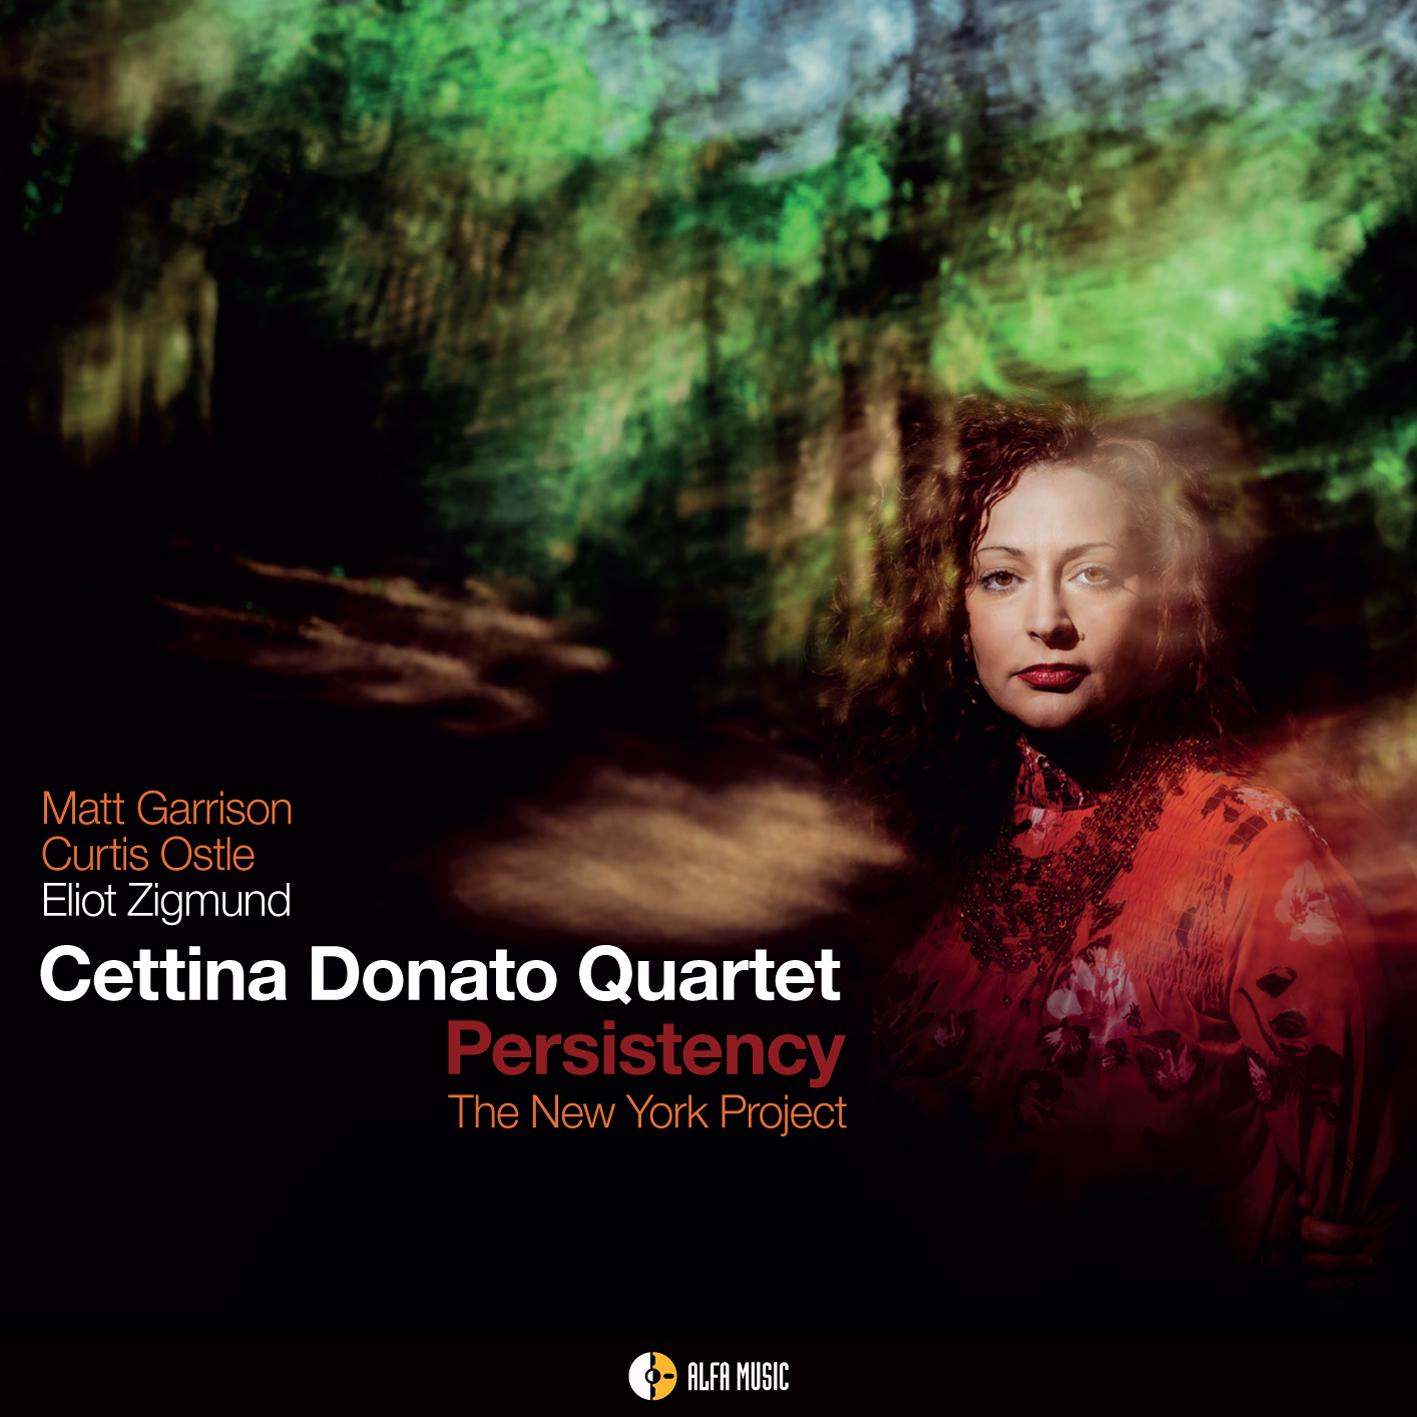 Cettina Donato</br> Persistency &#8211; The New York Project</br>Alfa Music, 2017